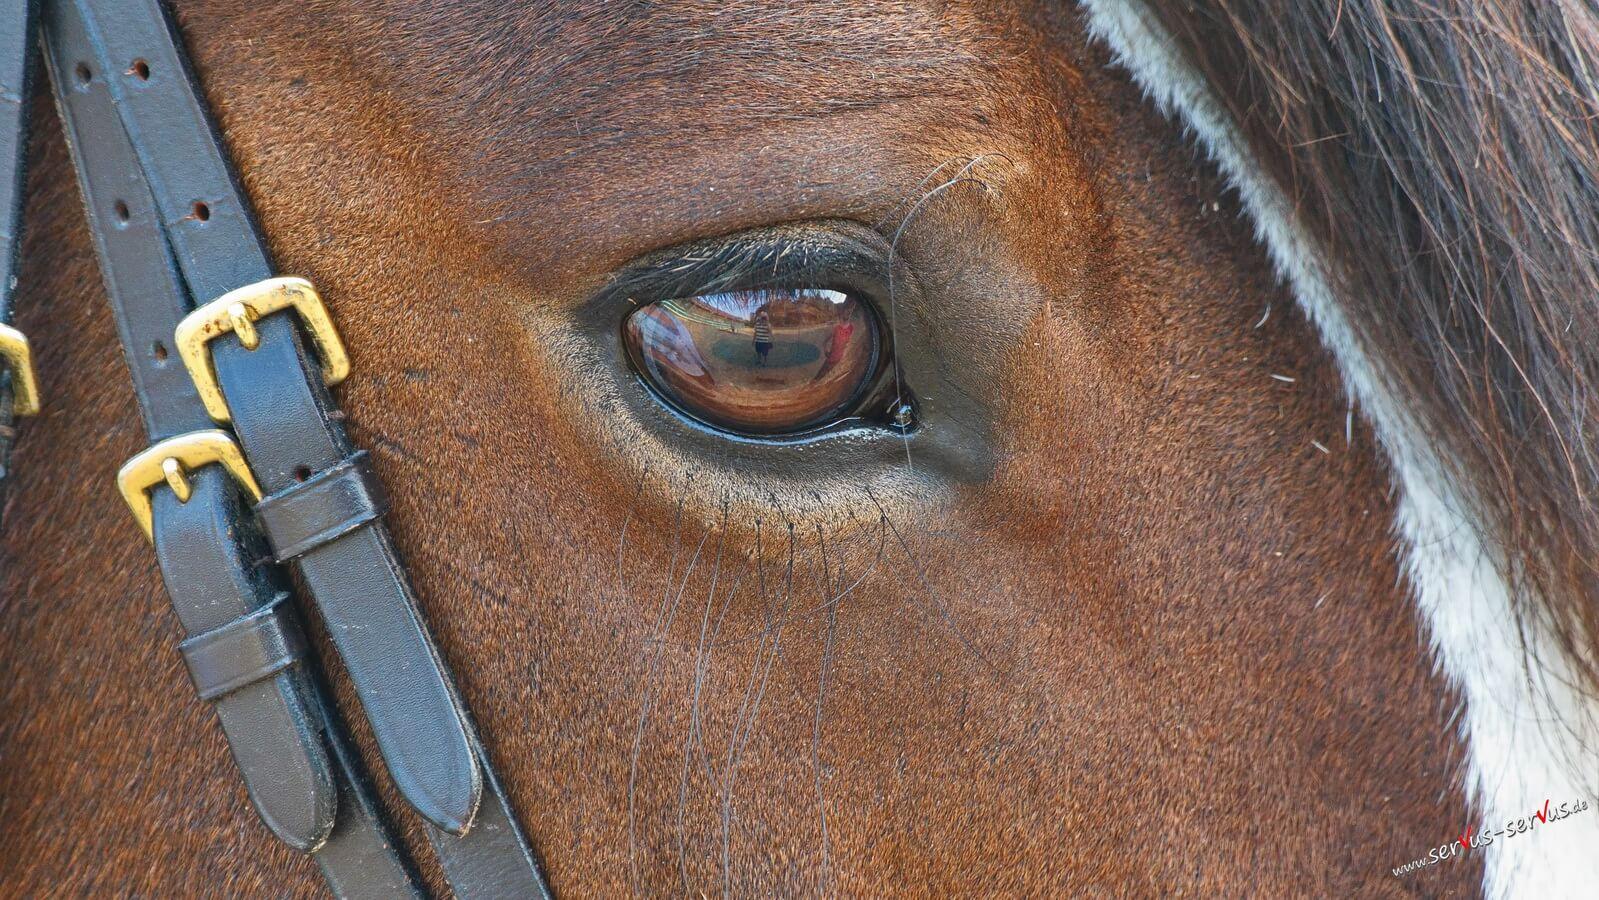 Pferd, Auge, Spiegelung